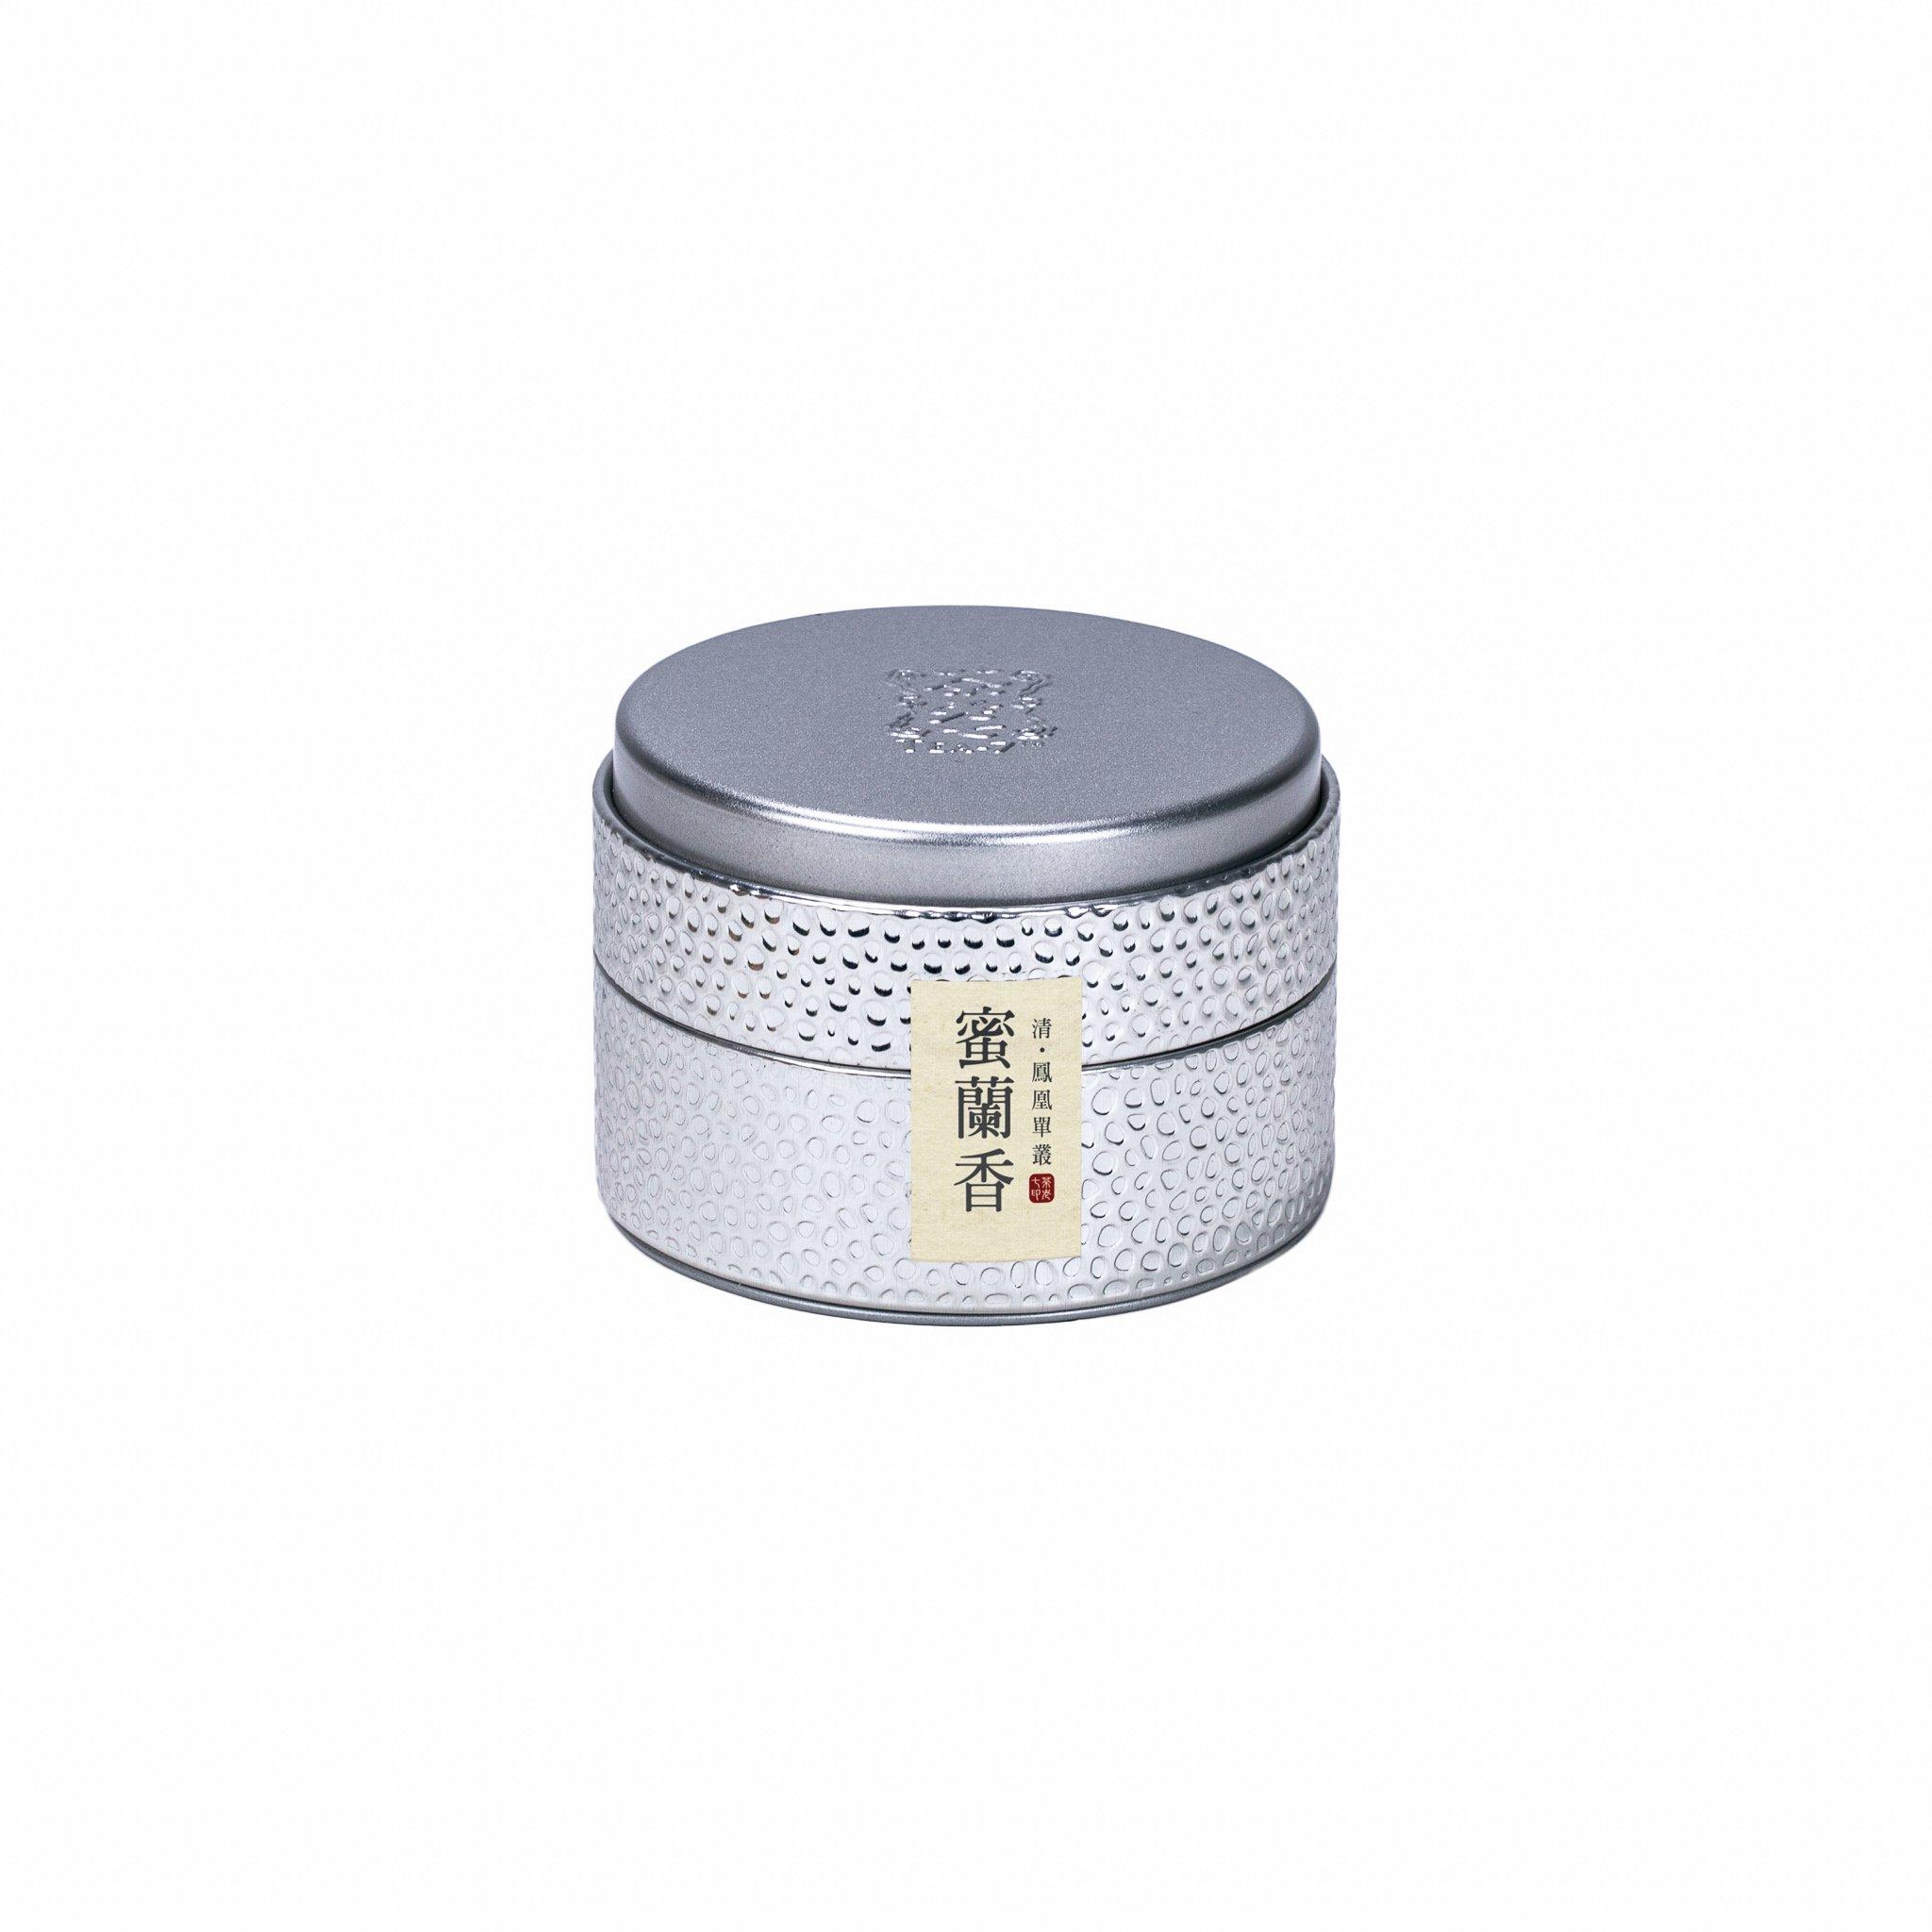 茶老七 慢活小罐-單叢蜜蘭香